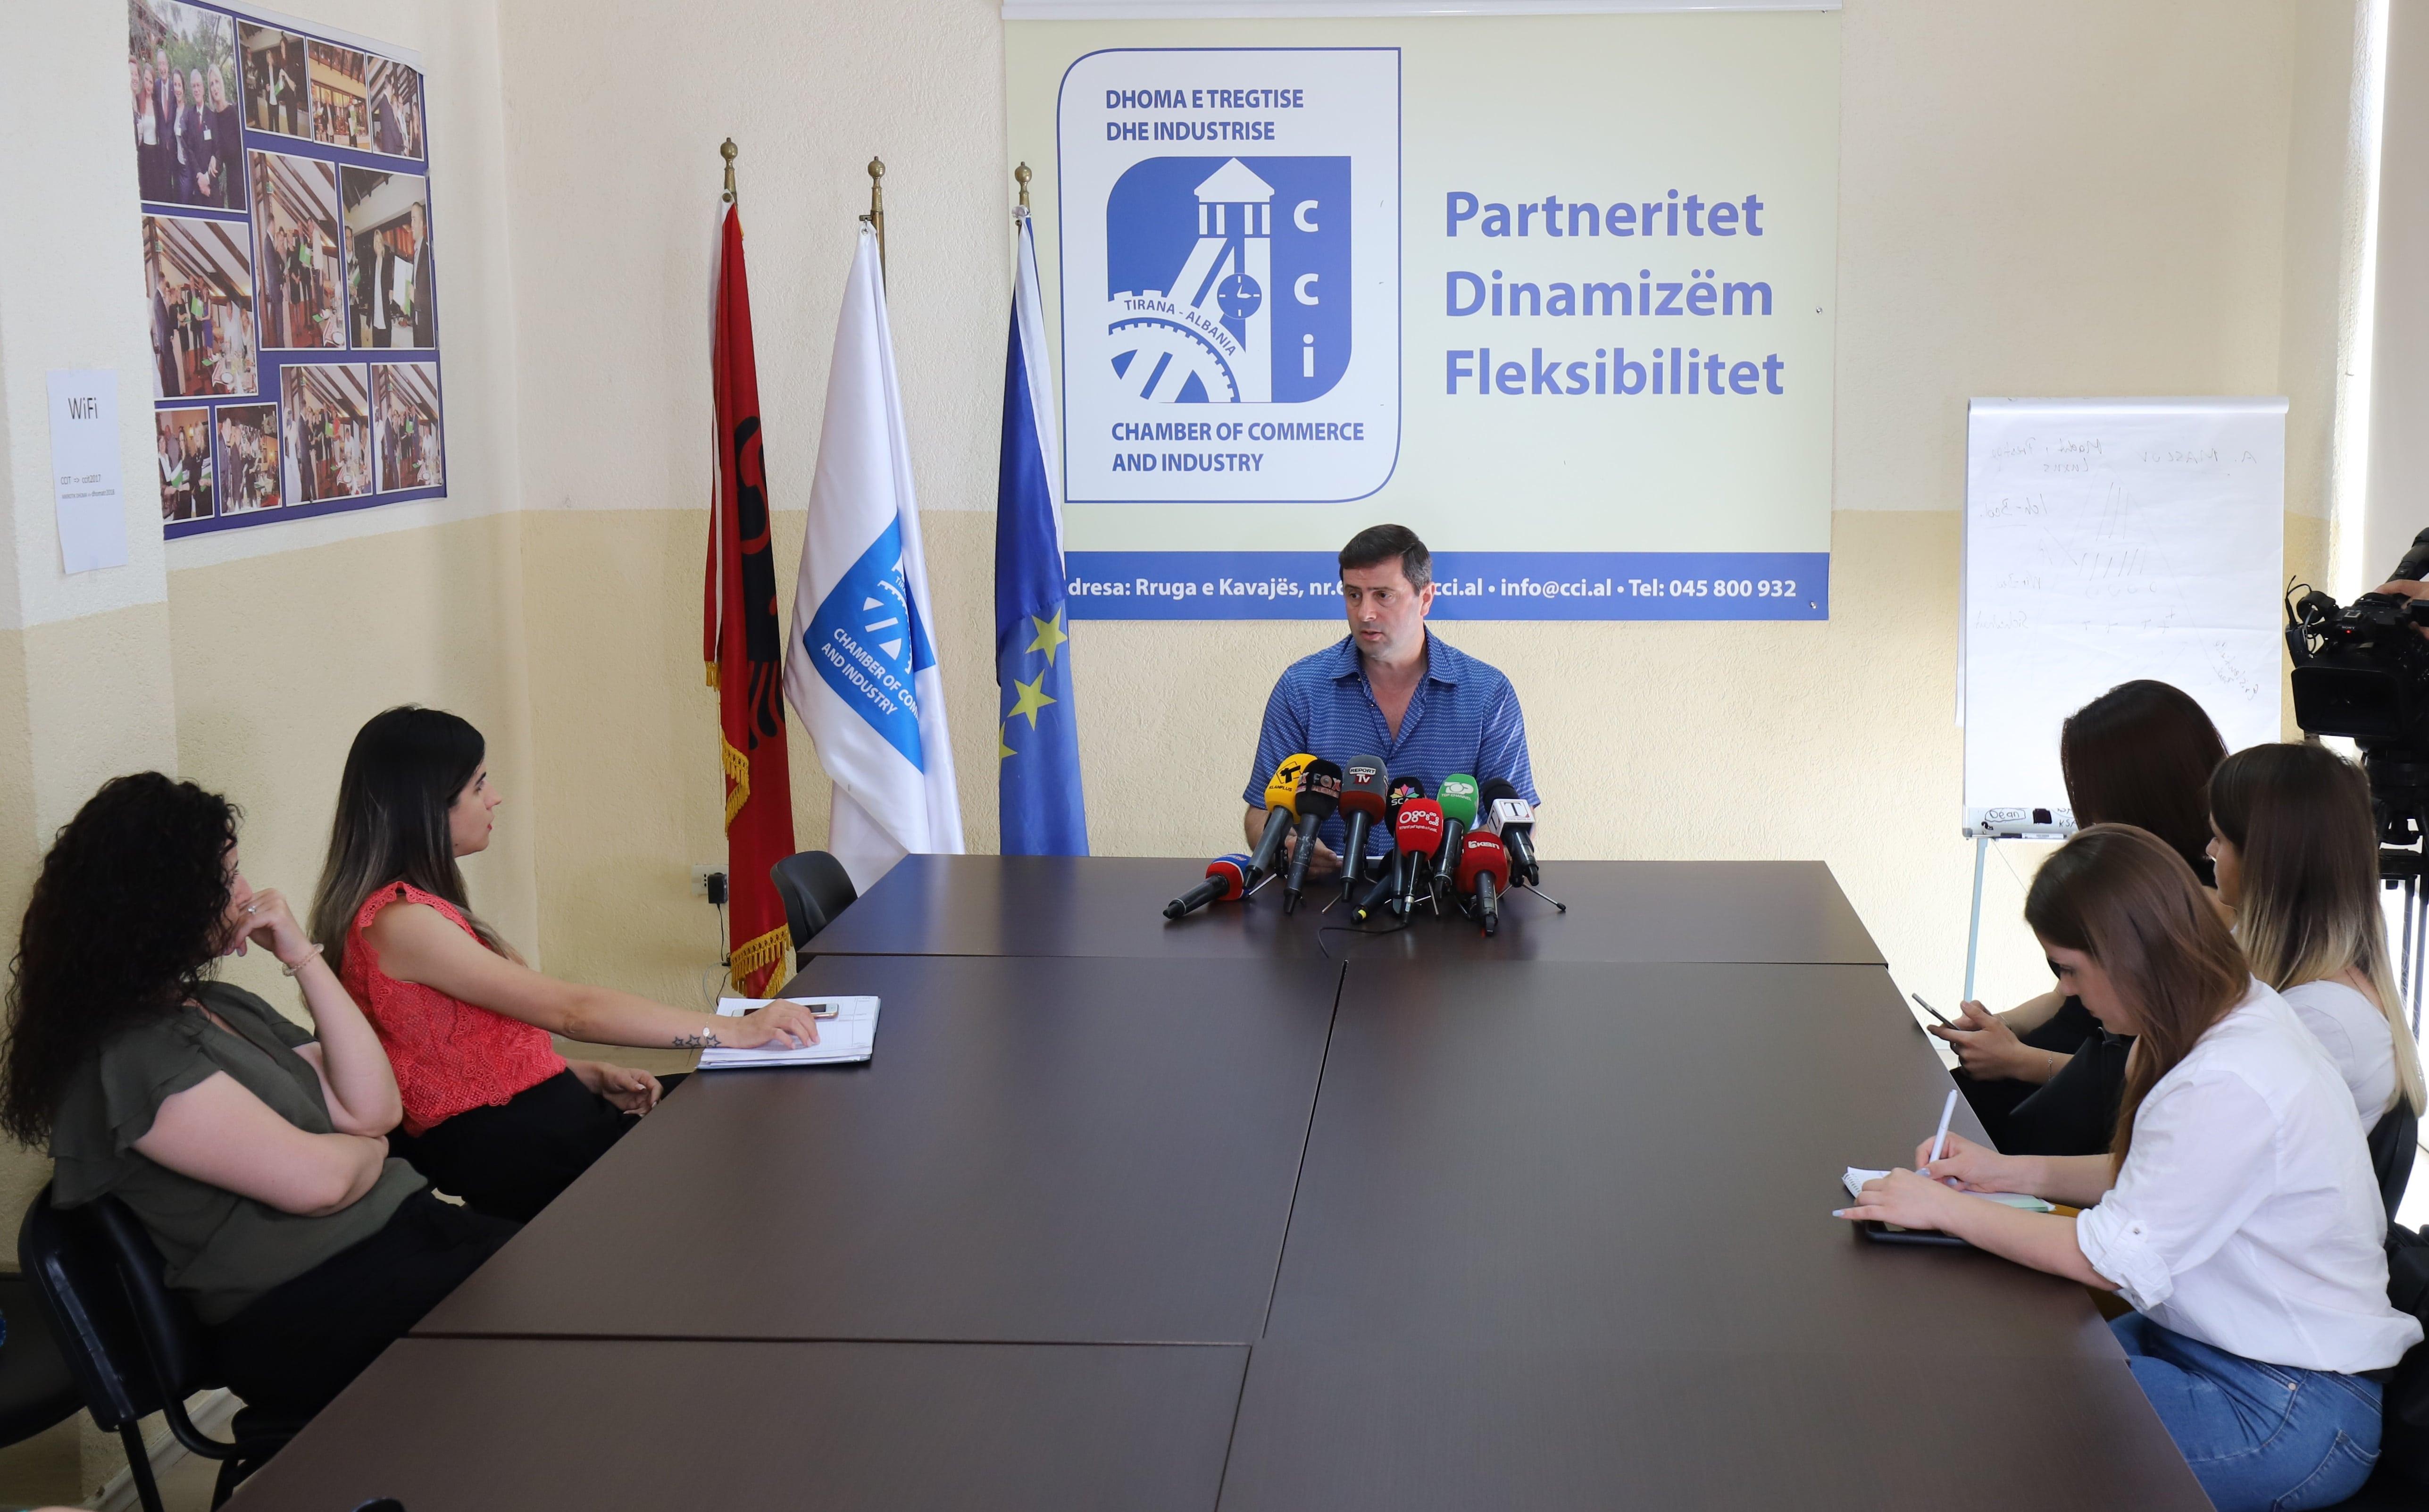 Marrëdhëniet tregtare Shqipëri-Kosovë, deri më 15 korrik 2019 bizneset të paraqesin problematikat e tyre pranë Forumit Ekonomik Mbarë Shqiptar